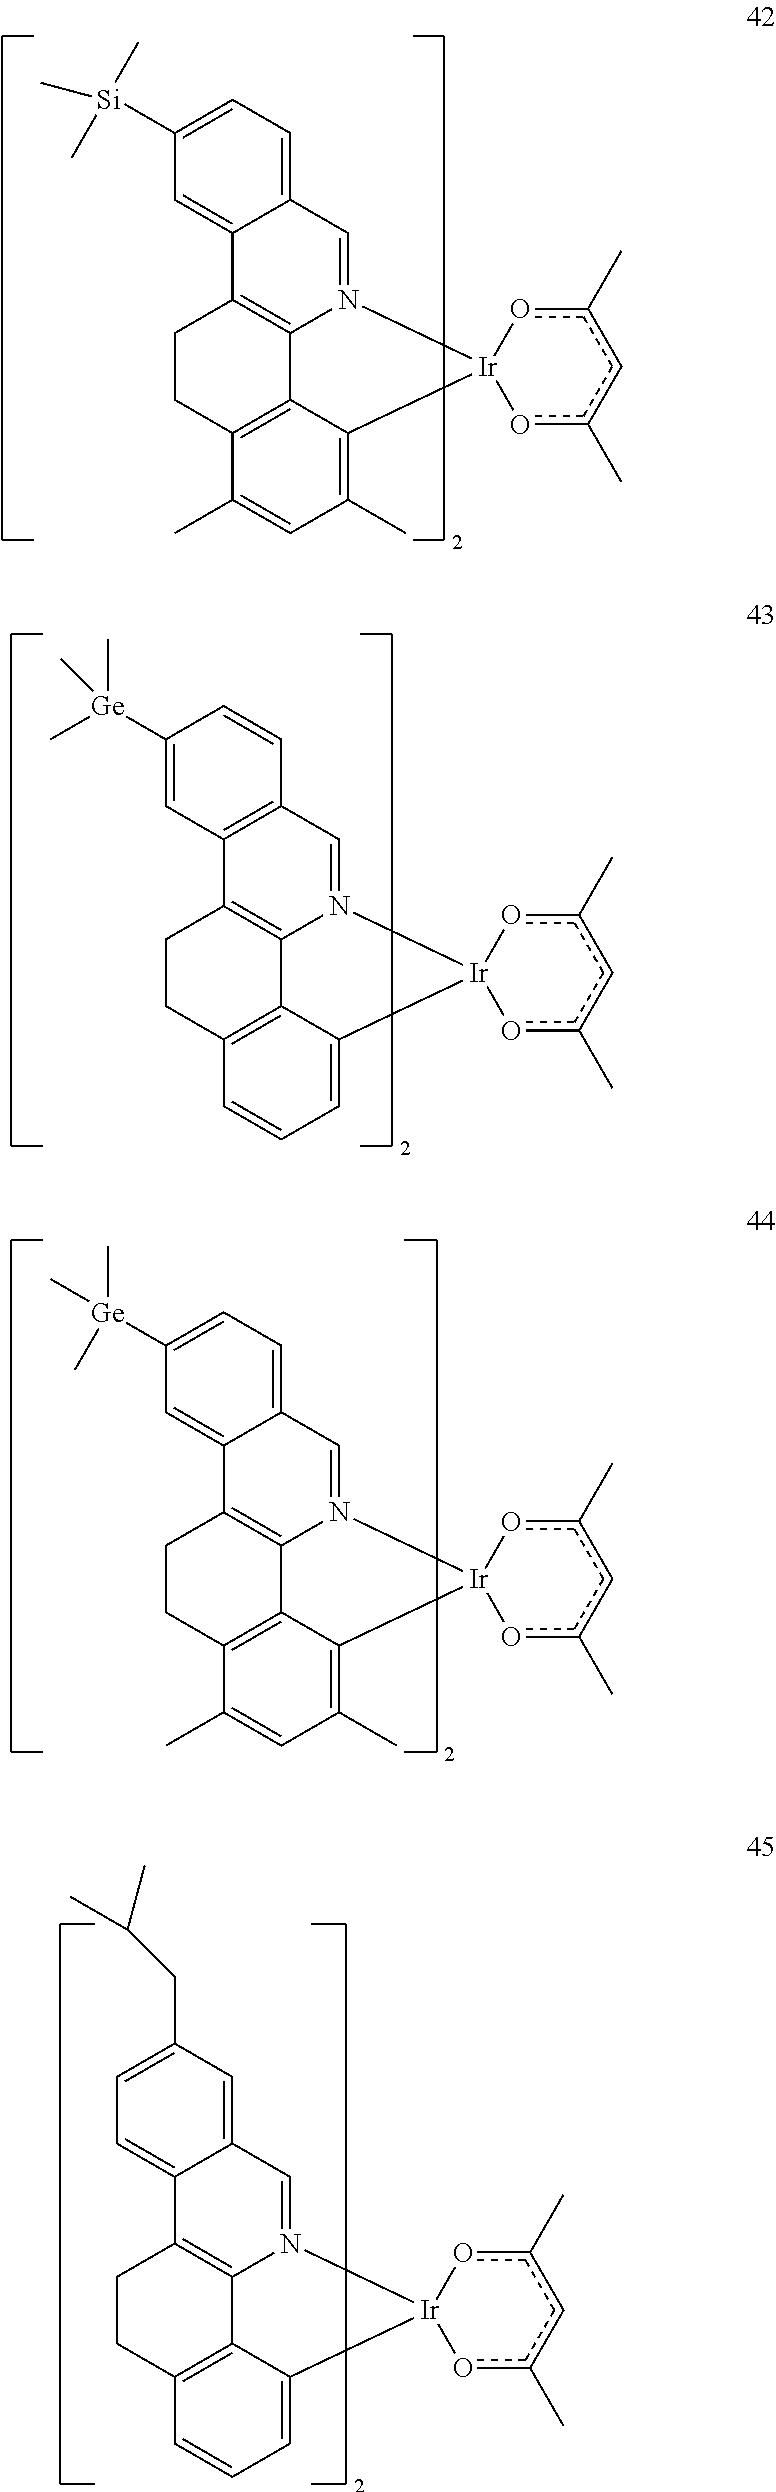 Figure US20130032785A1-20130207-C00017